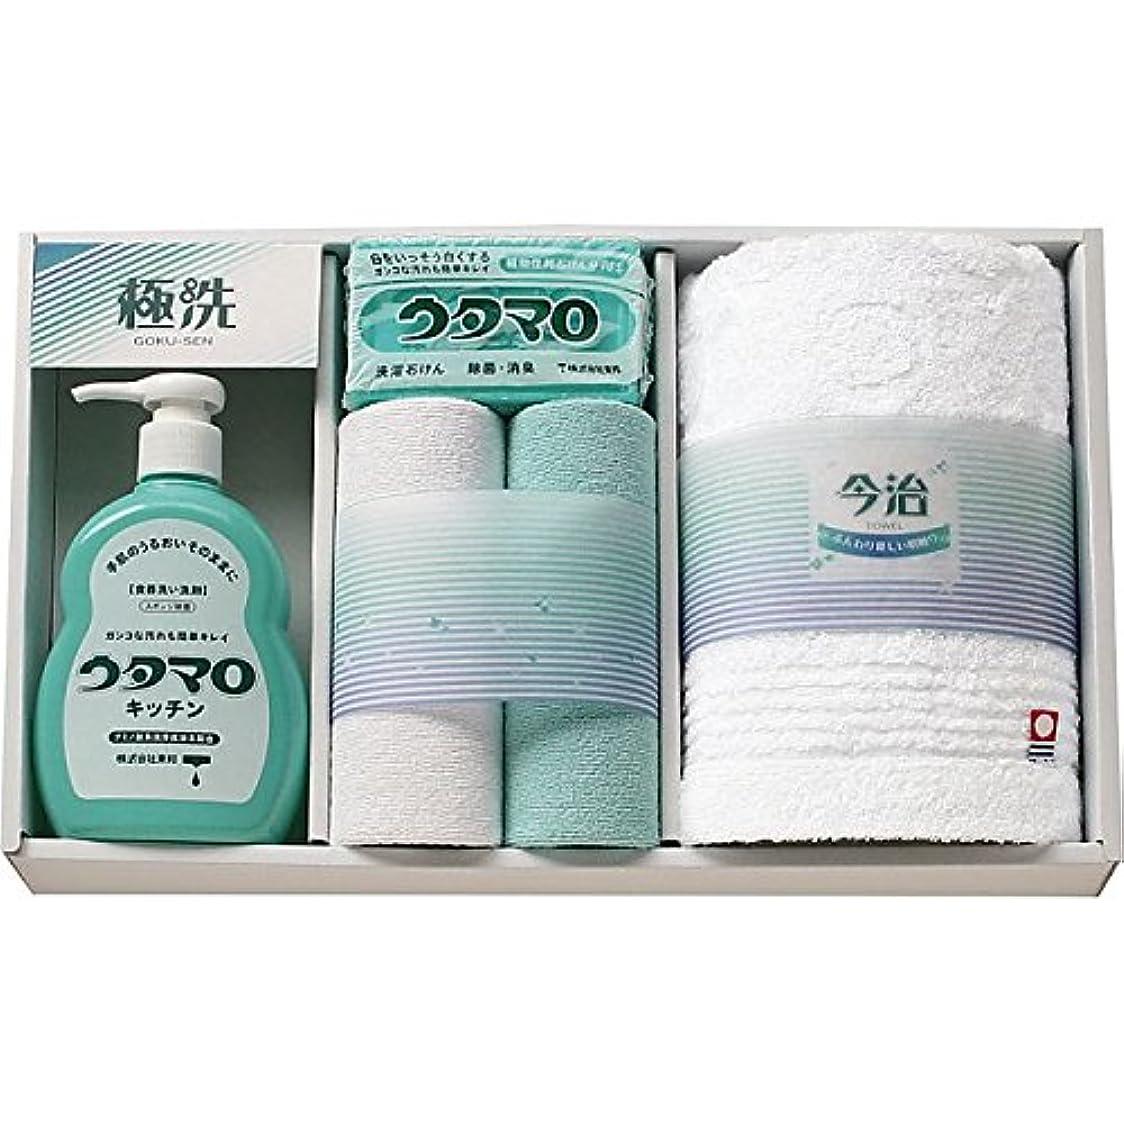 かんたんカラス確認する( ウタマロ ) 石鹸?キッチン洗剤ギフト ( 835-1055r )